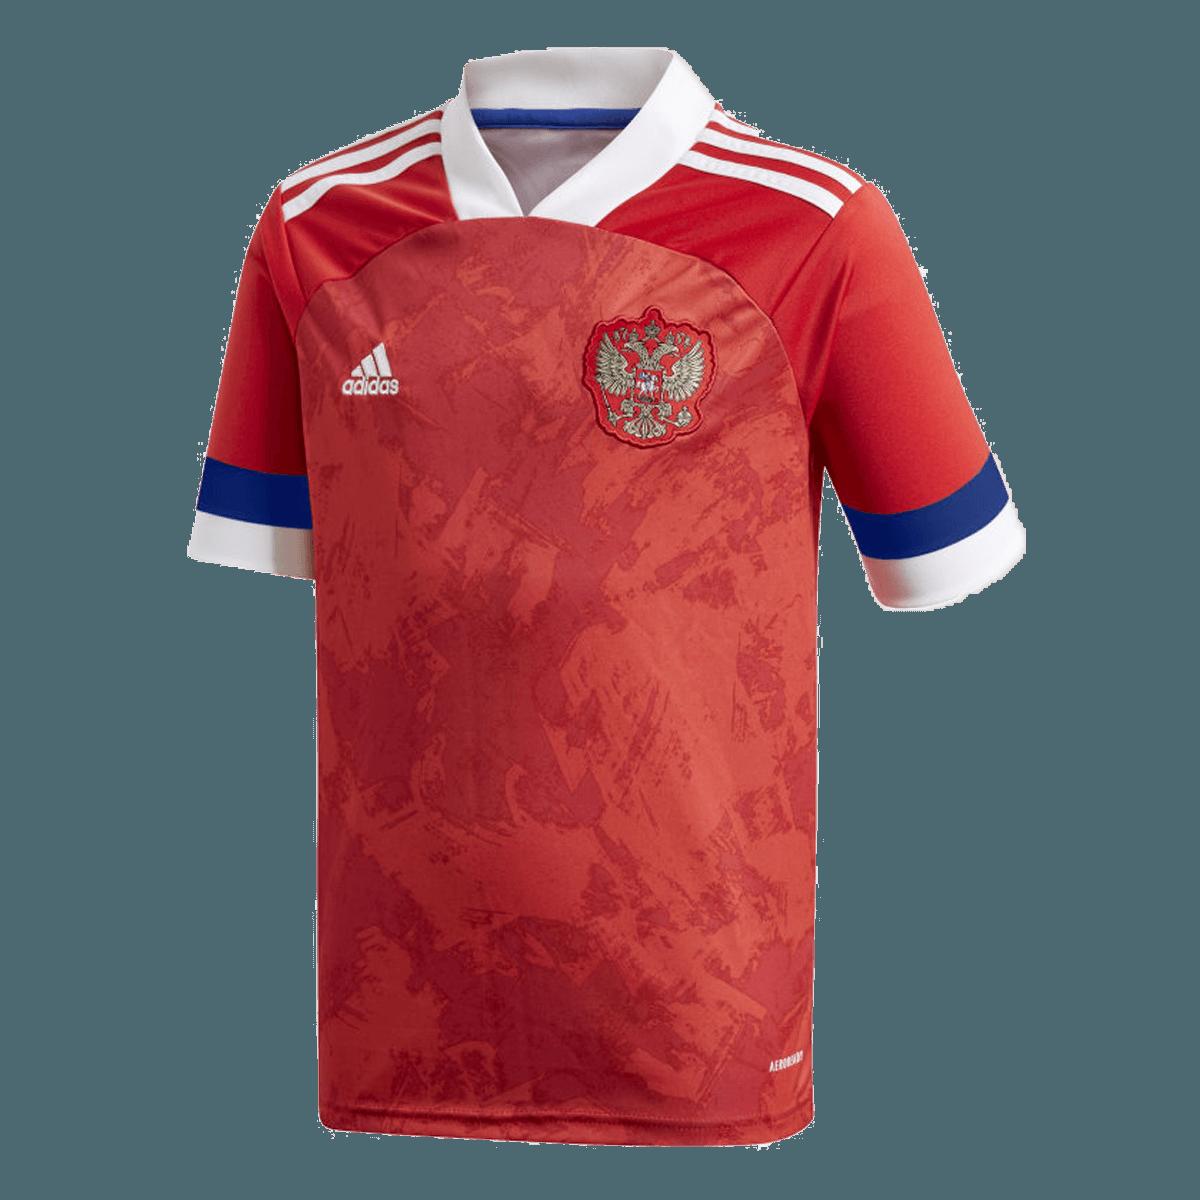 adidas veröffentlicht Trikots für die EM 2020 | Erhältlich